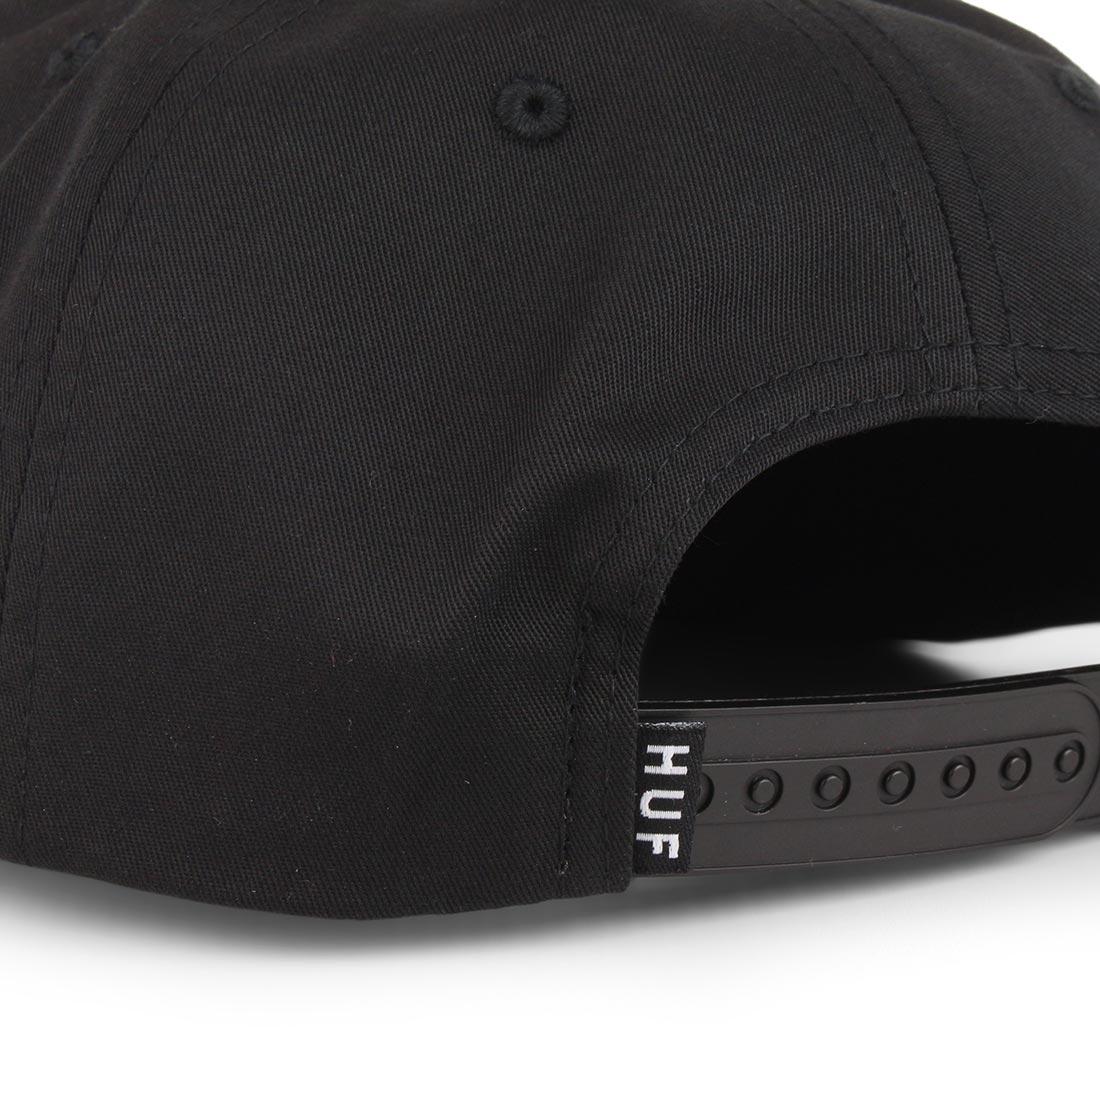 0b798f5ed HUF Essentials TT Snapback Hat - Black